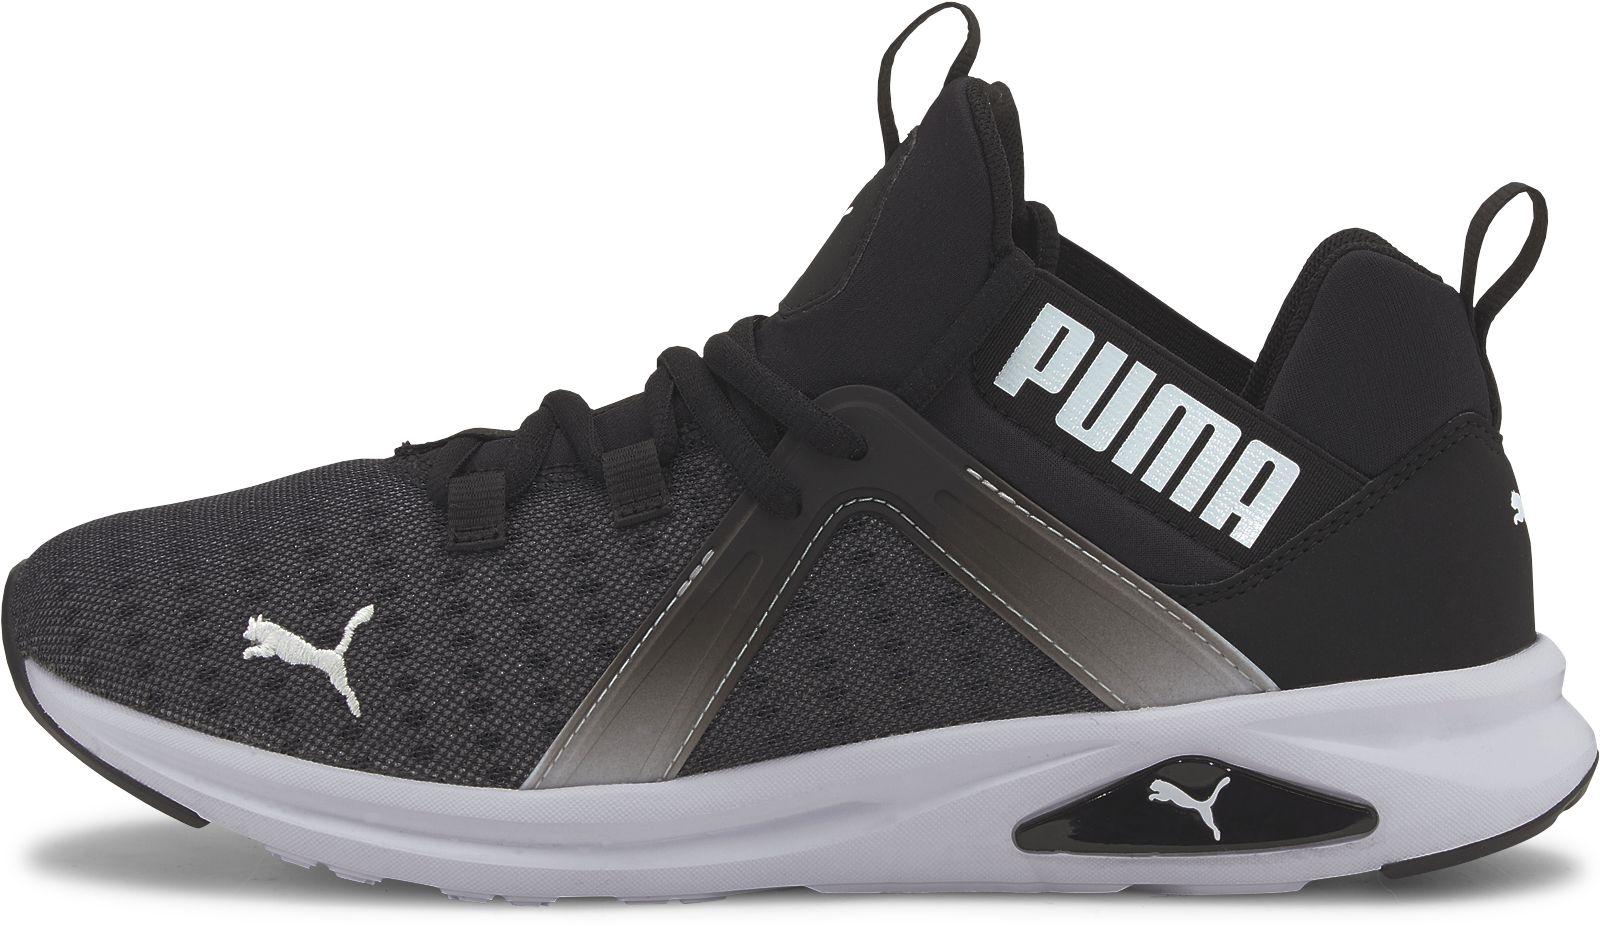 Puma ENZO 2 FADE | sportisimo.com